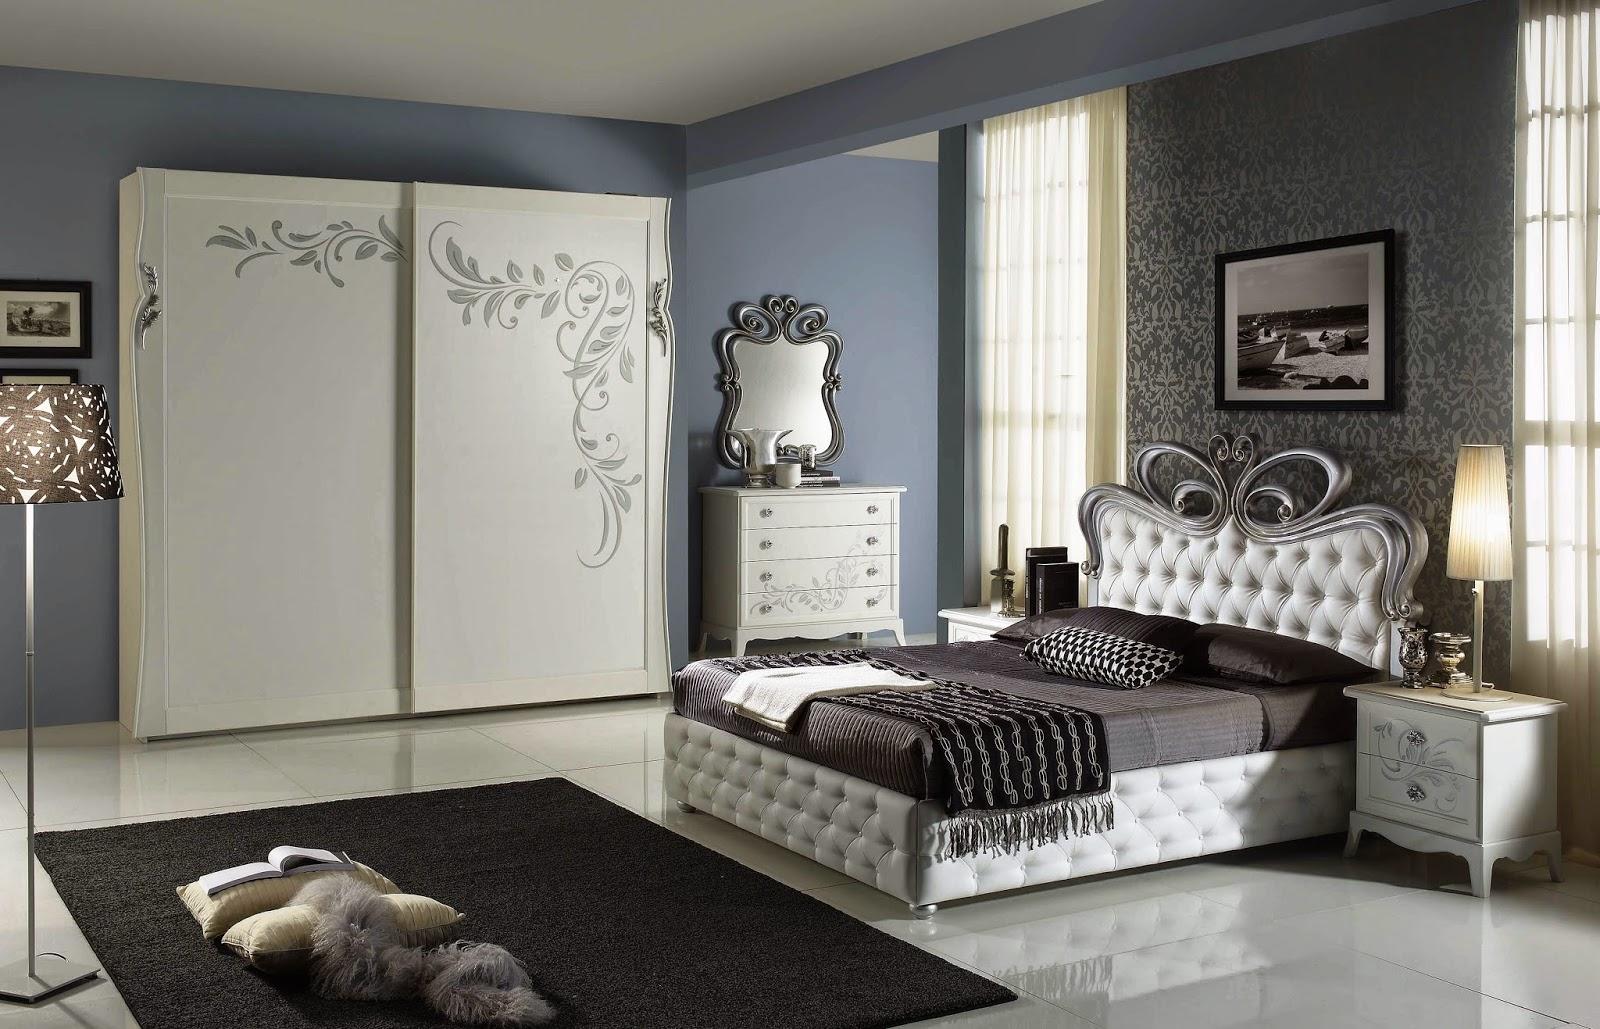 Cucina catalogo camere da letto divani soggiorni armadi e mobili da bagno. Camere Da Letto Mobilandia